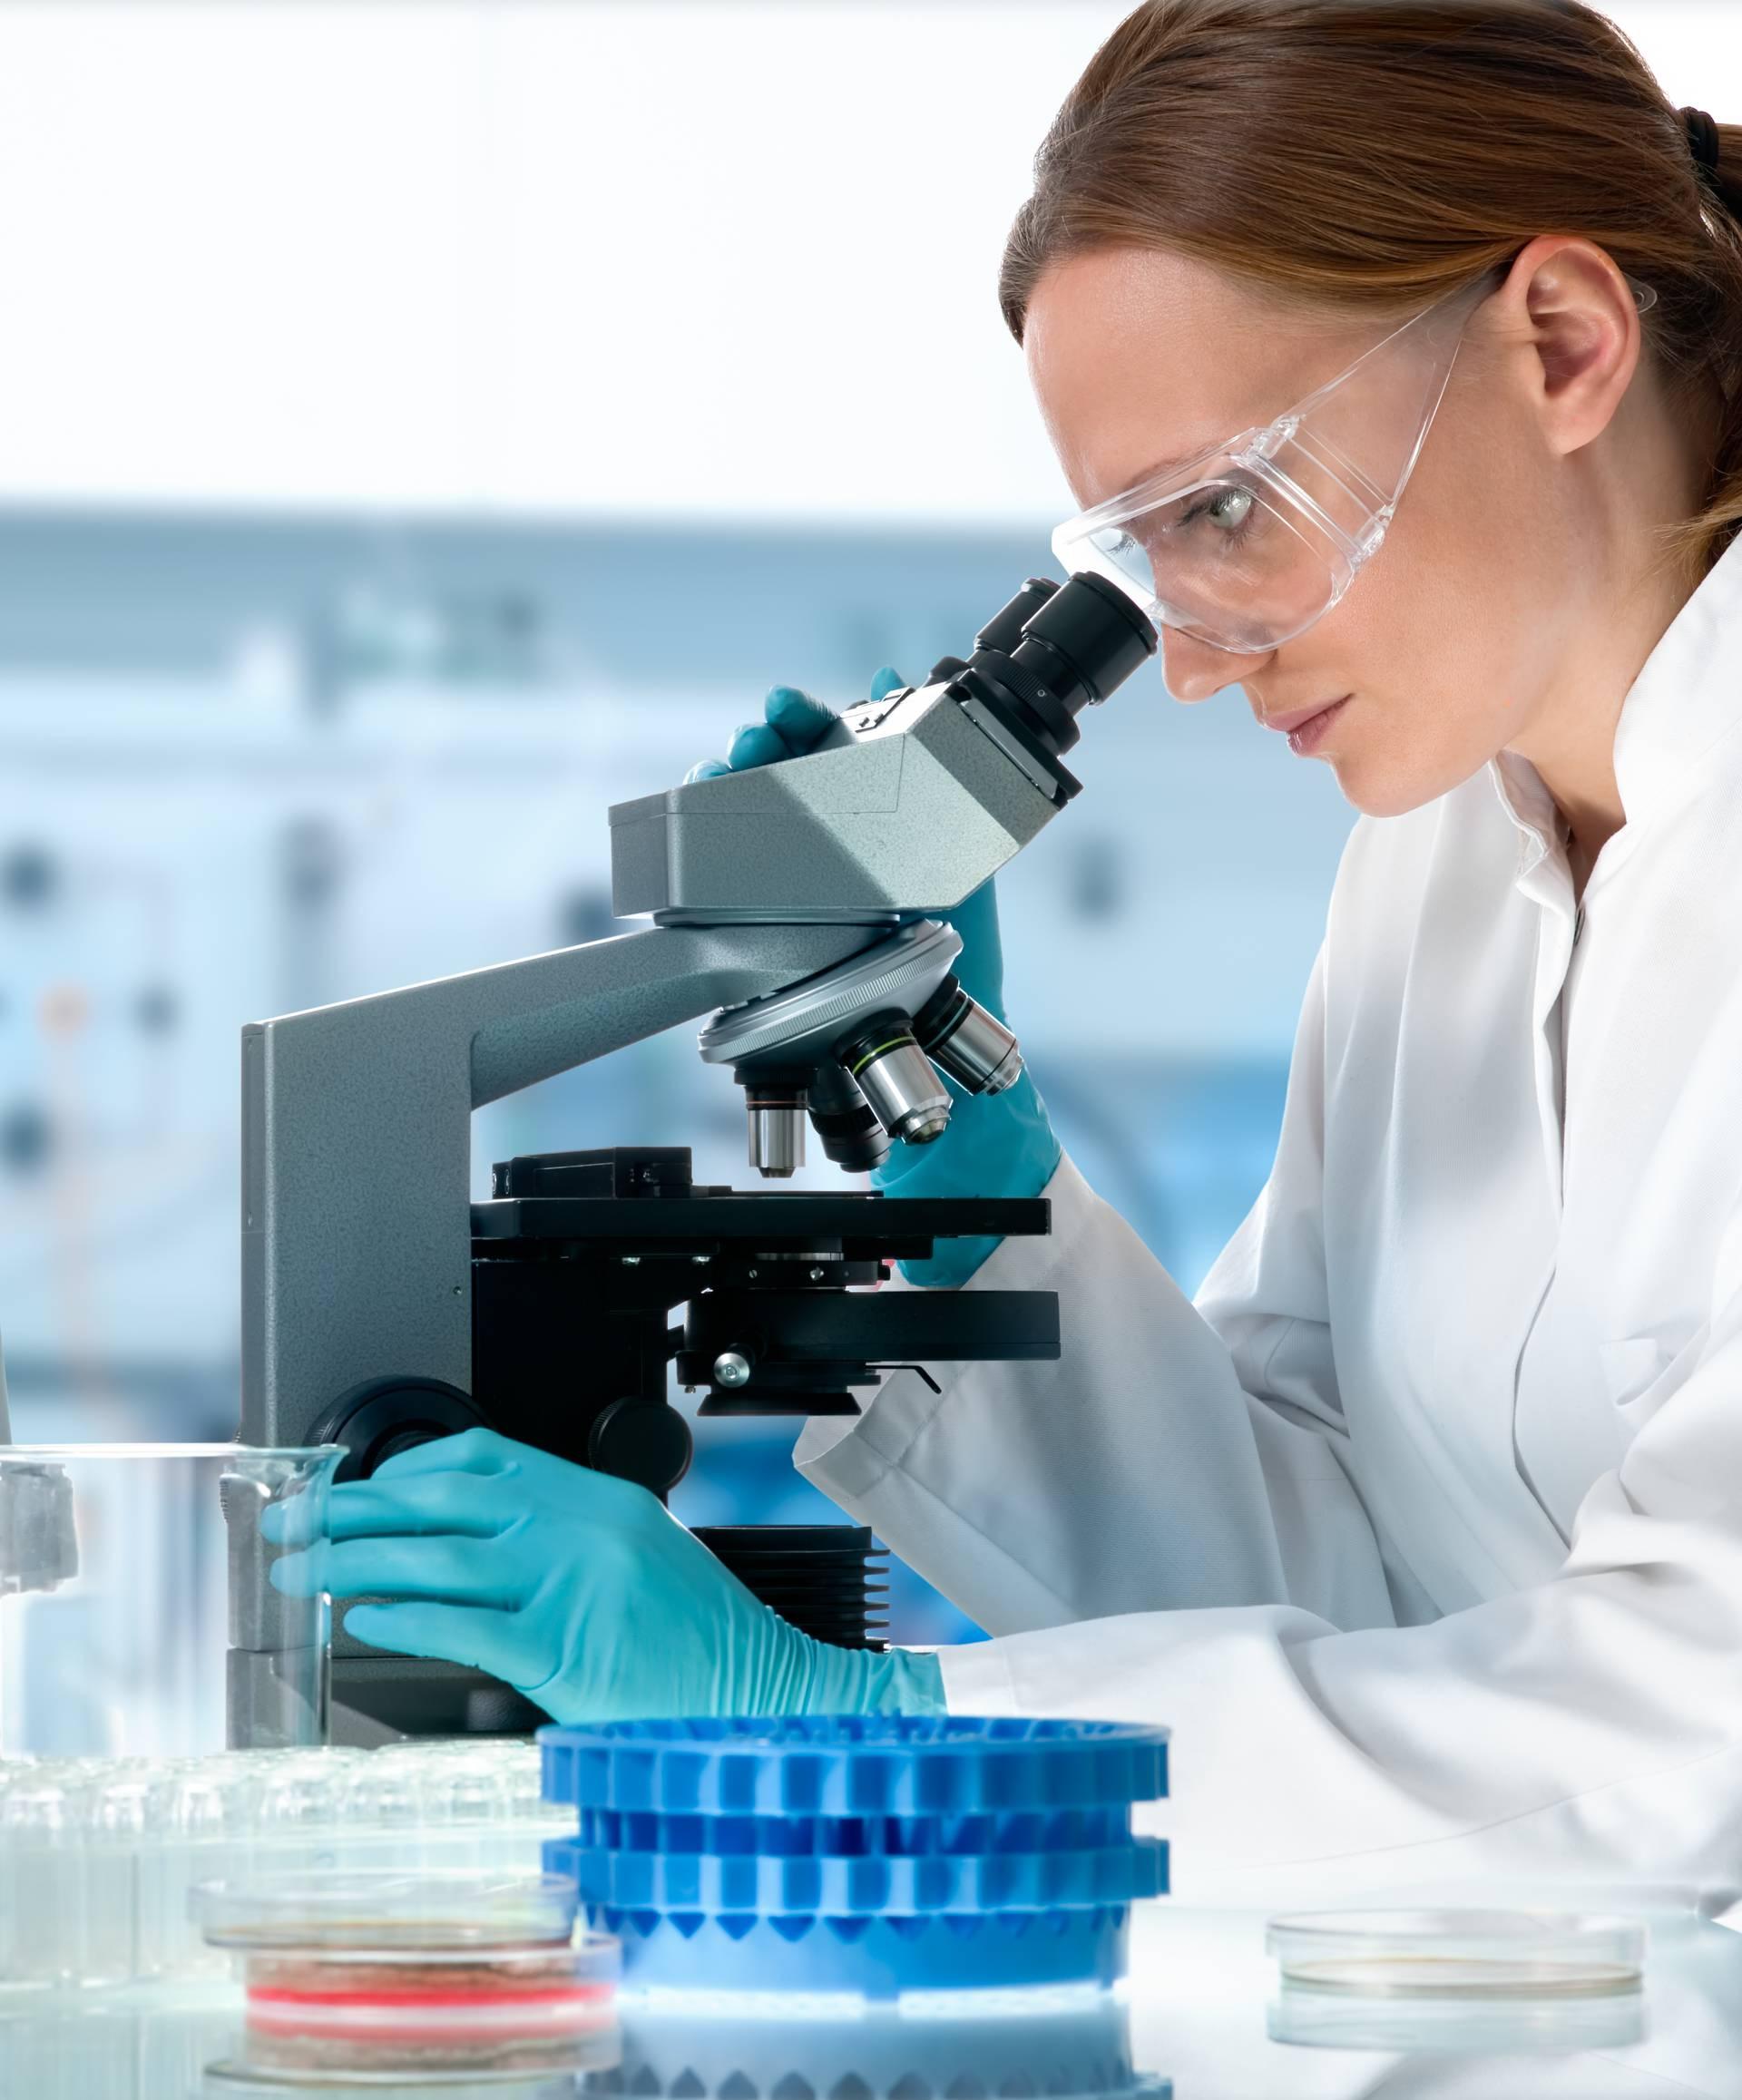 Godina novih saznanja o HIV-u, utjecaju gena i mikroplastici